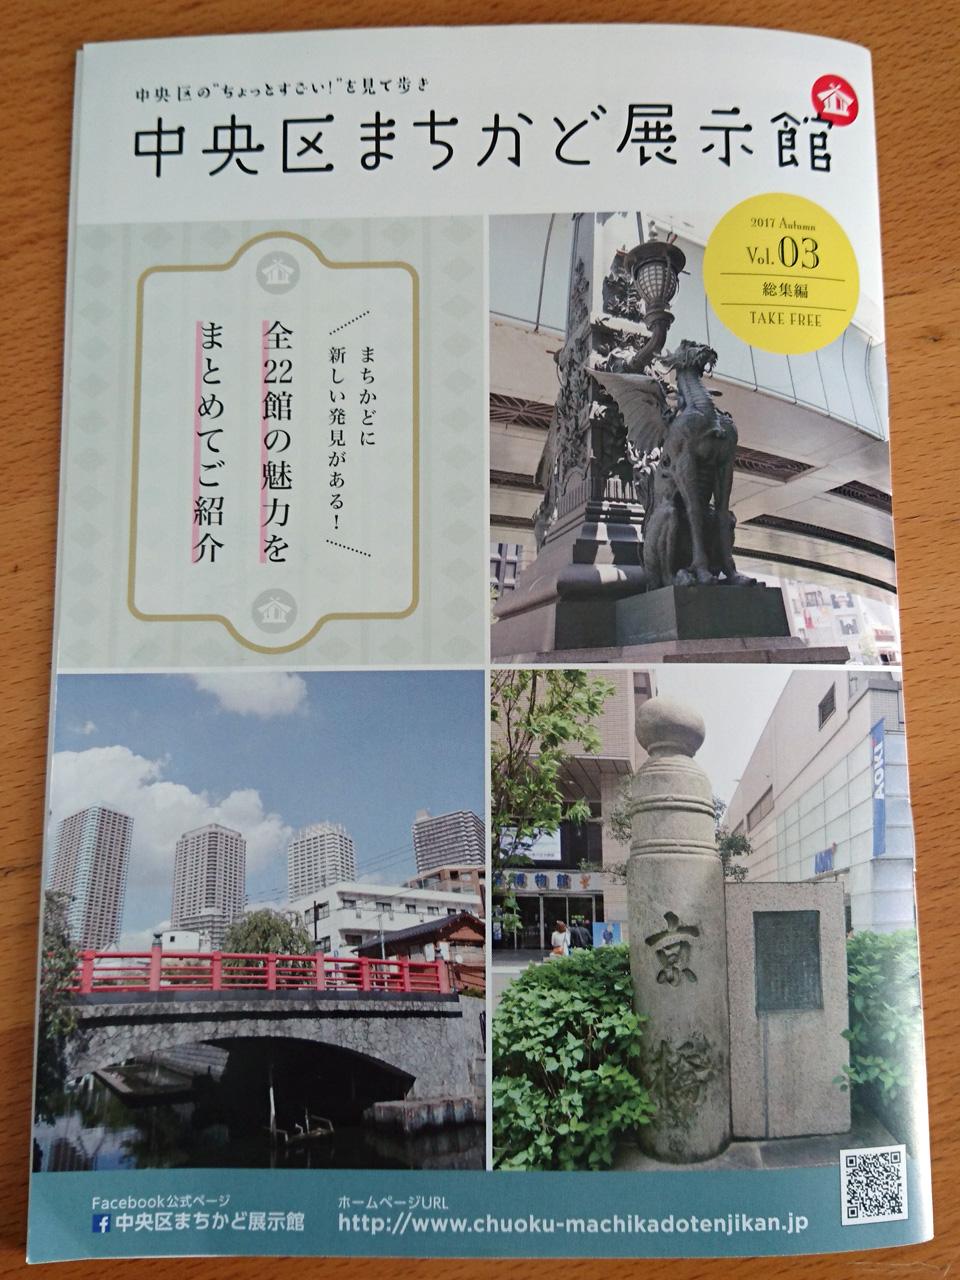 machikado_tenjikan1